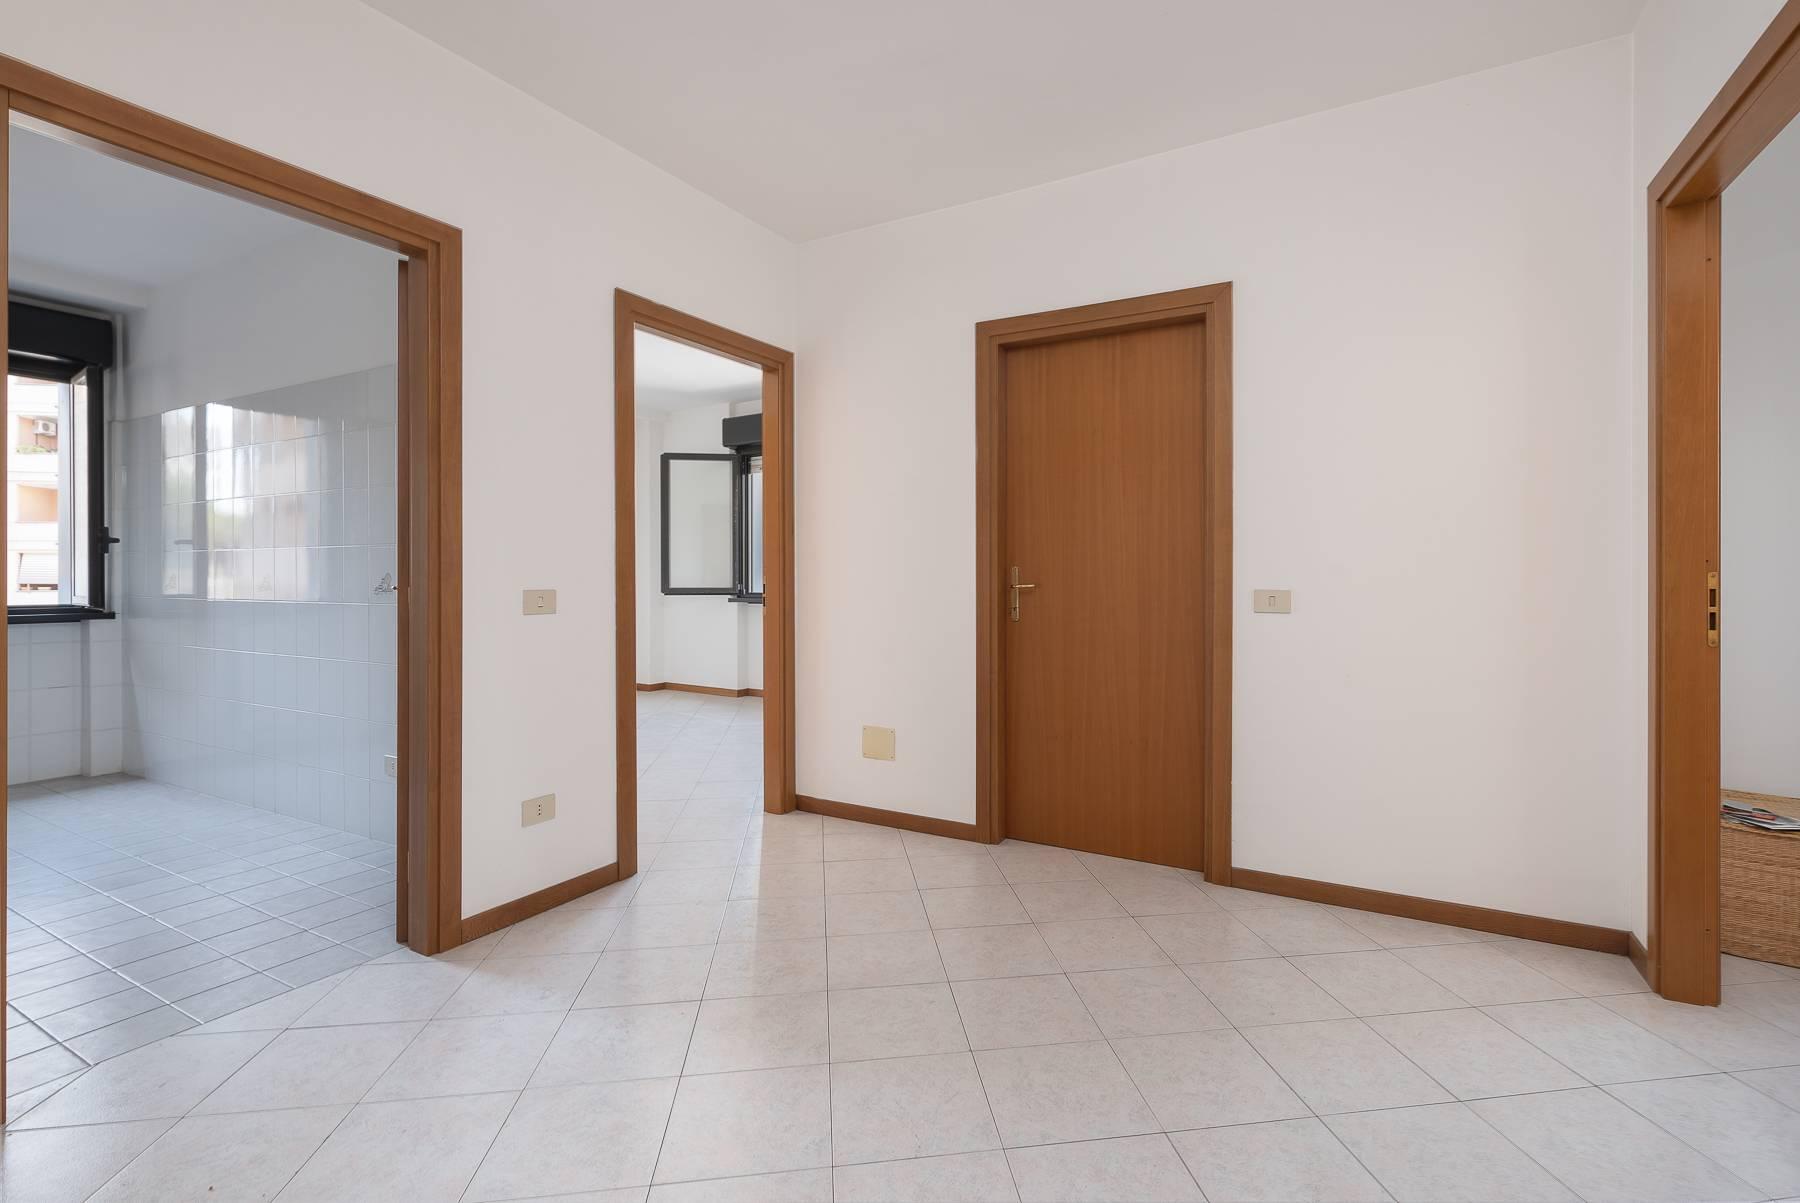 Appartamento in Vendita a Roma: 3 locali, 101 mq - Foto 9